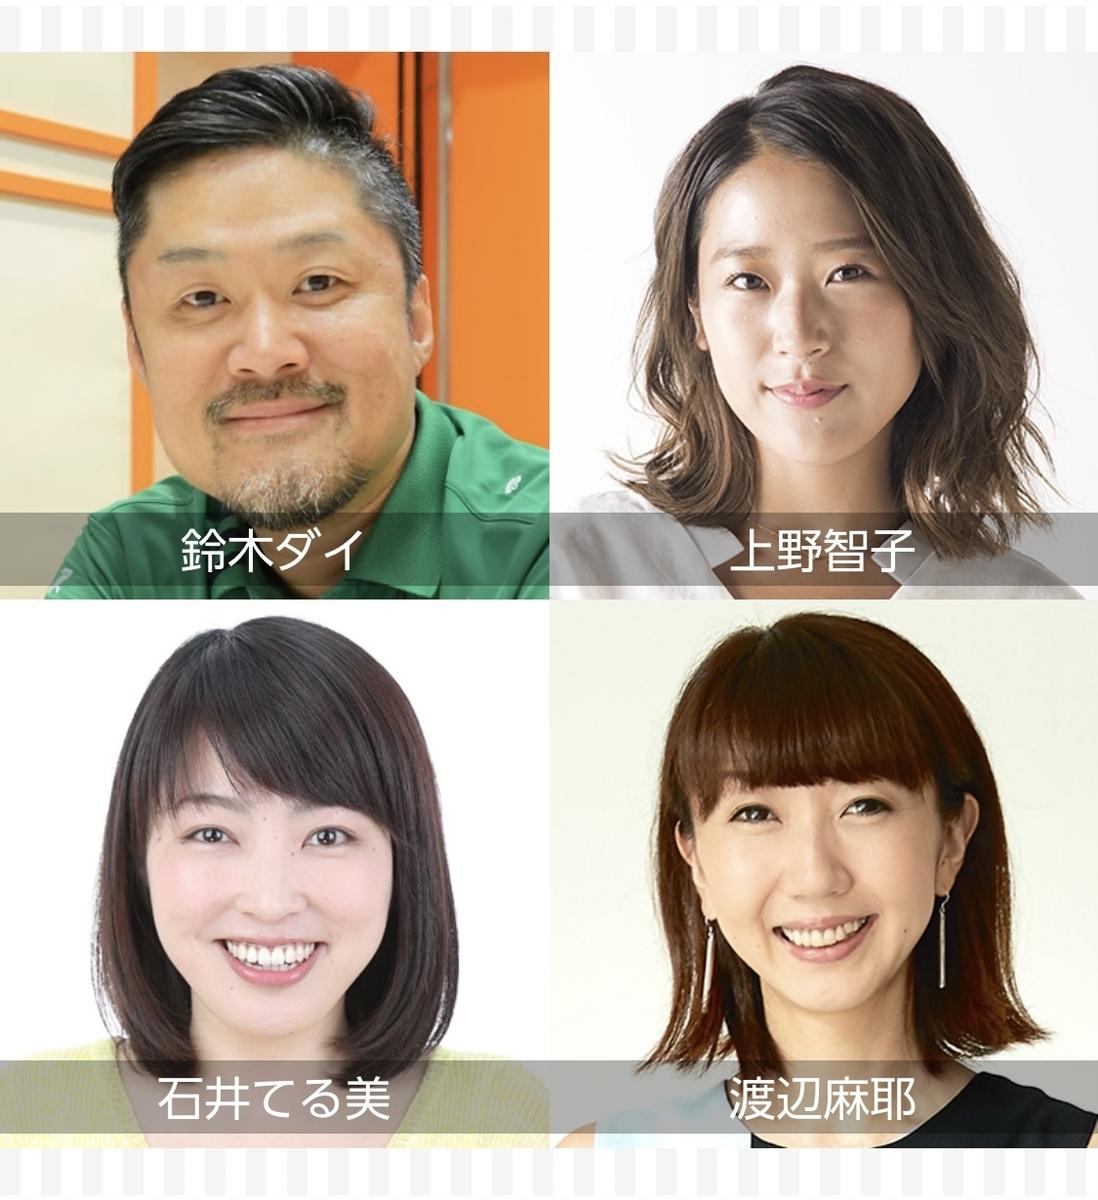 f:id:gotoshin_terumi:20210321125433j:plain